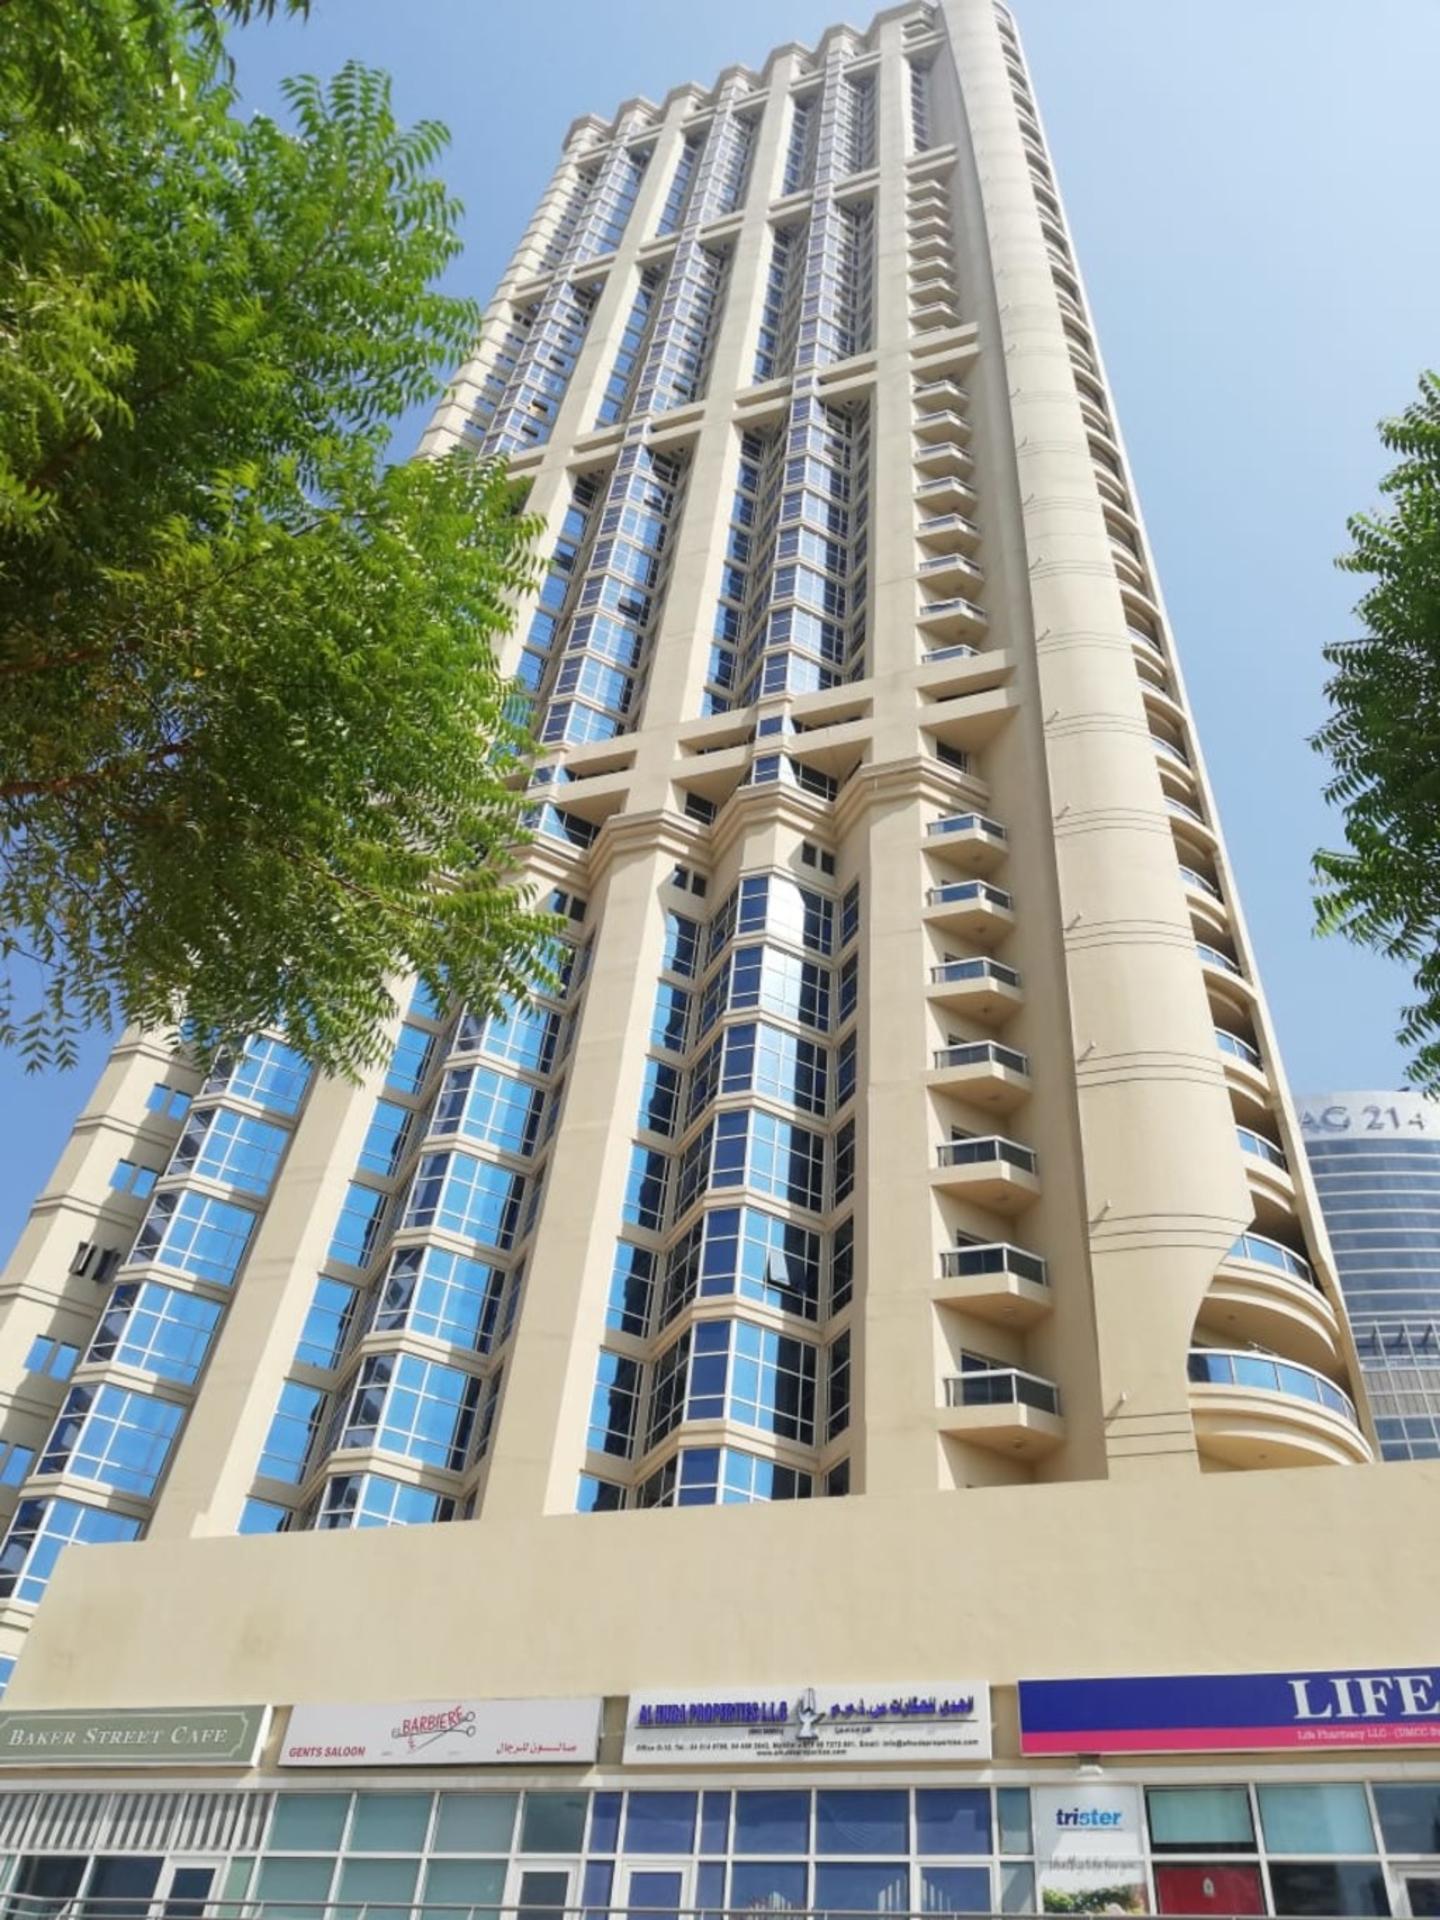 HiDubai-business-al-huda-properties-l-l-c-housing-real-estate-property-management-jumeirah-lake-towers-al-thanyah-5-dubai